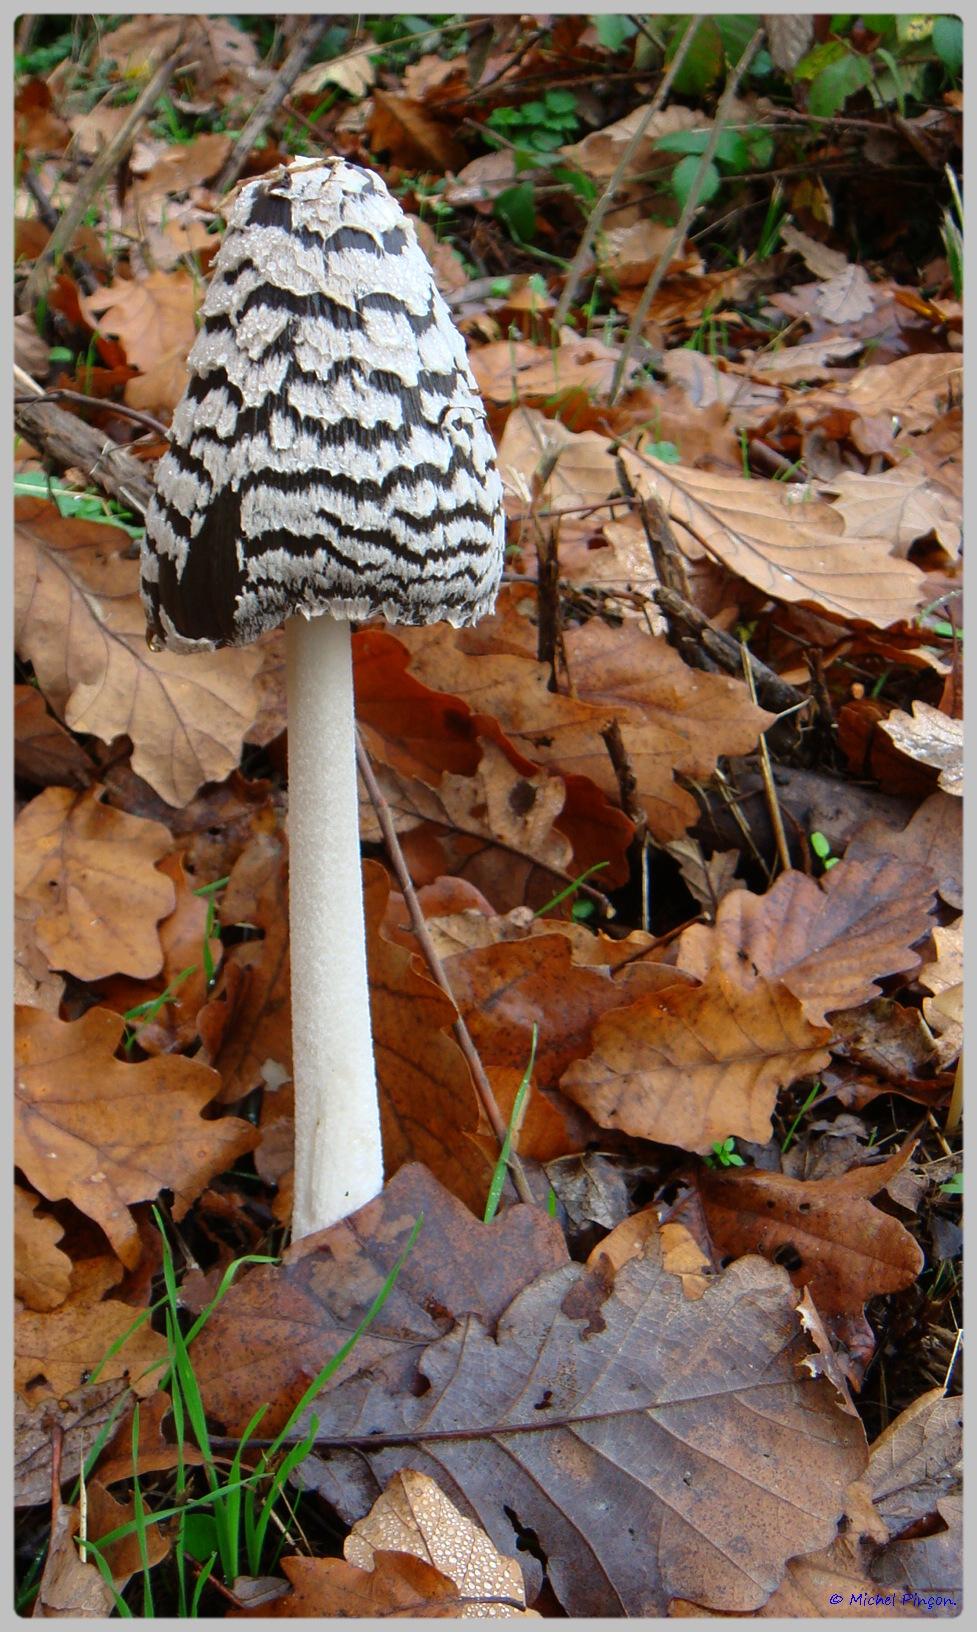 [fil ouvert] les champignons - Page 5 224715DSC011556